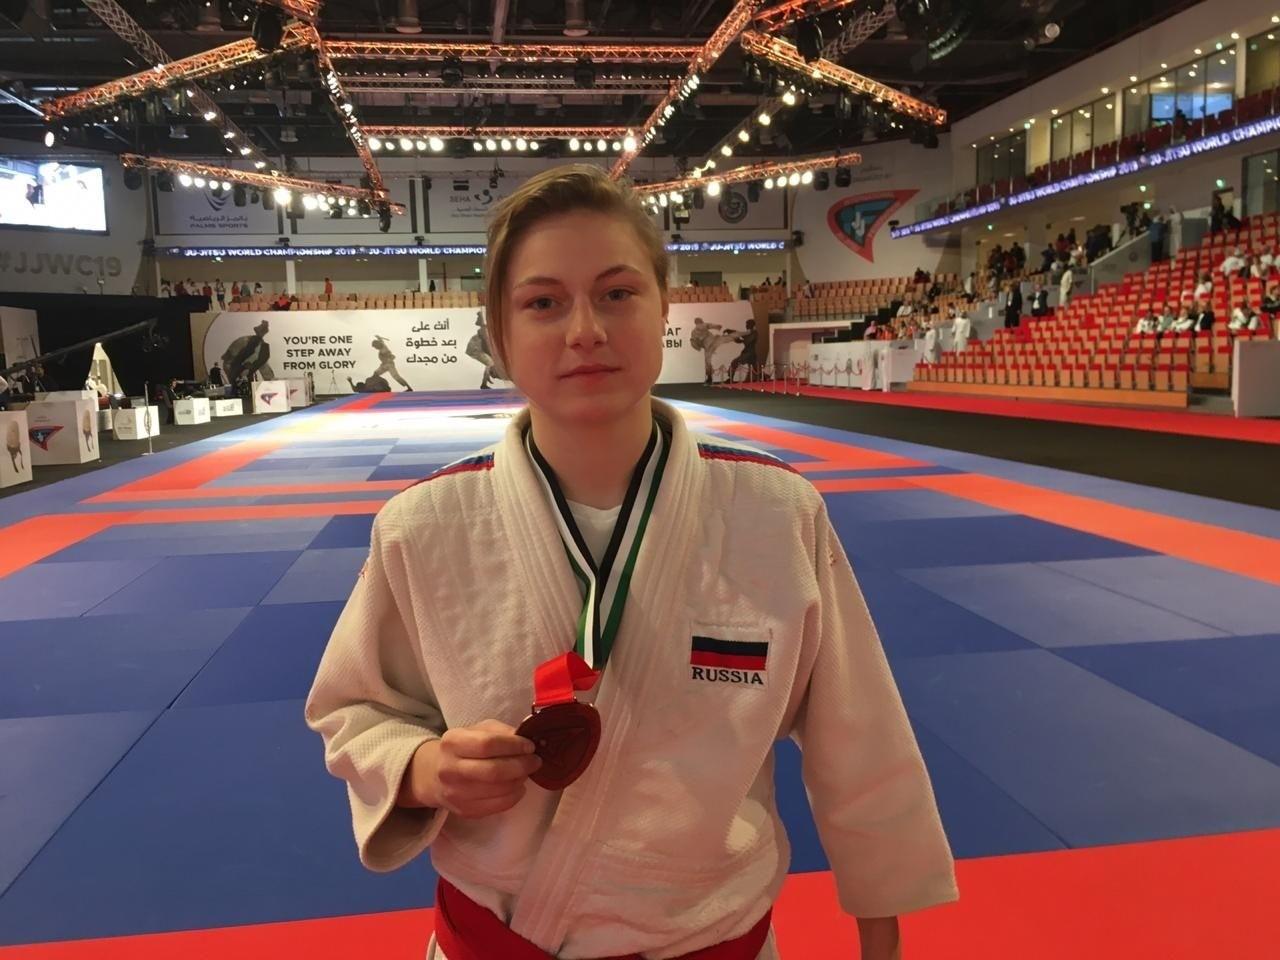 Спортсменка из Кашина завоевала бронзу на чемпионате в Абу-Даби